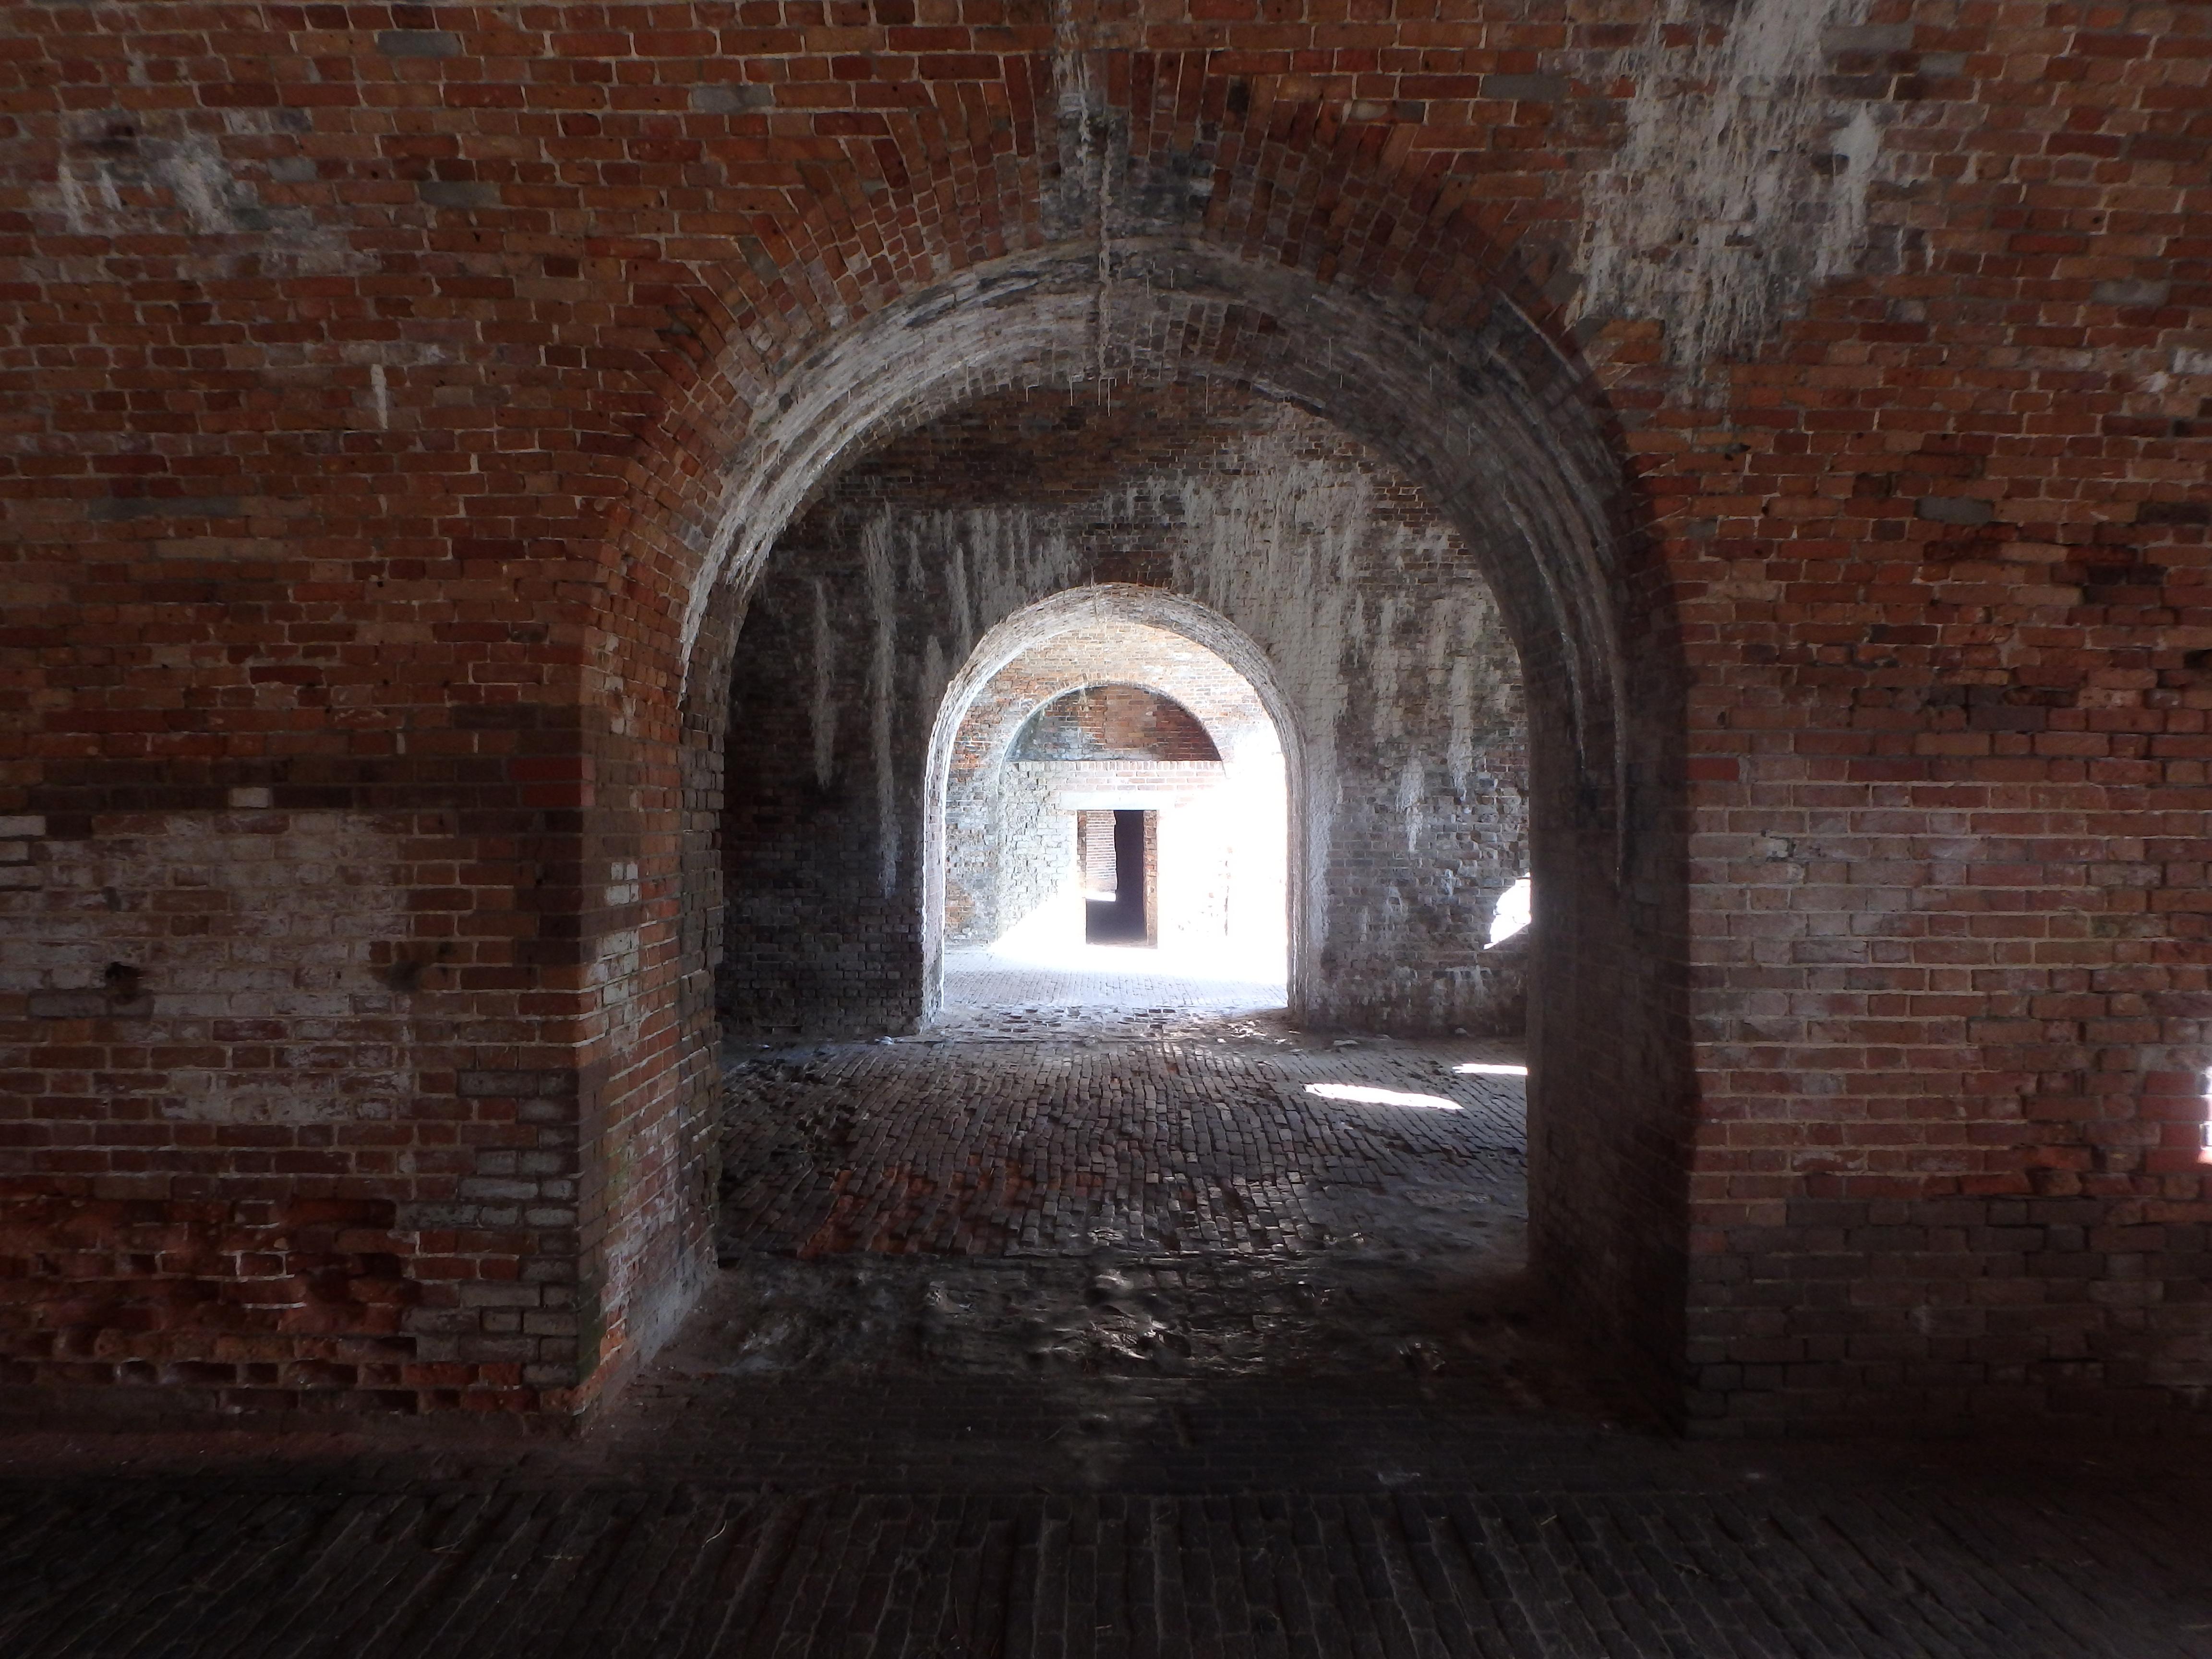 Inside Fort Morgan